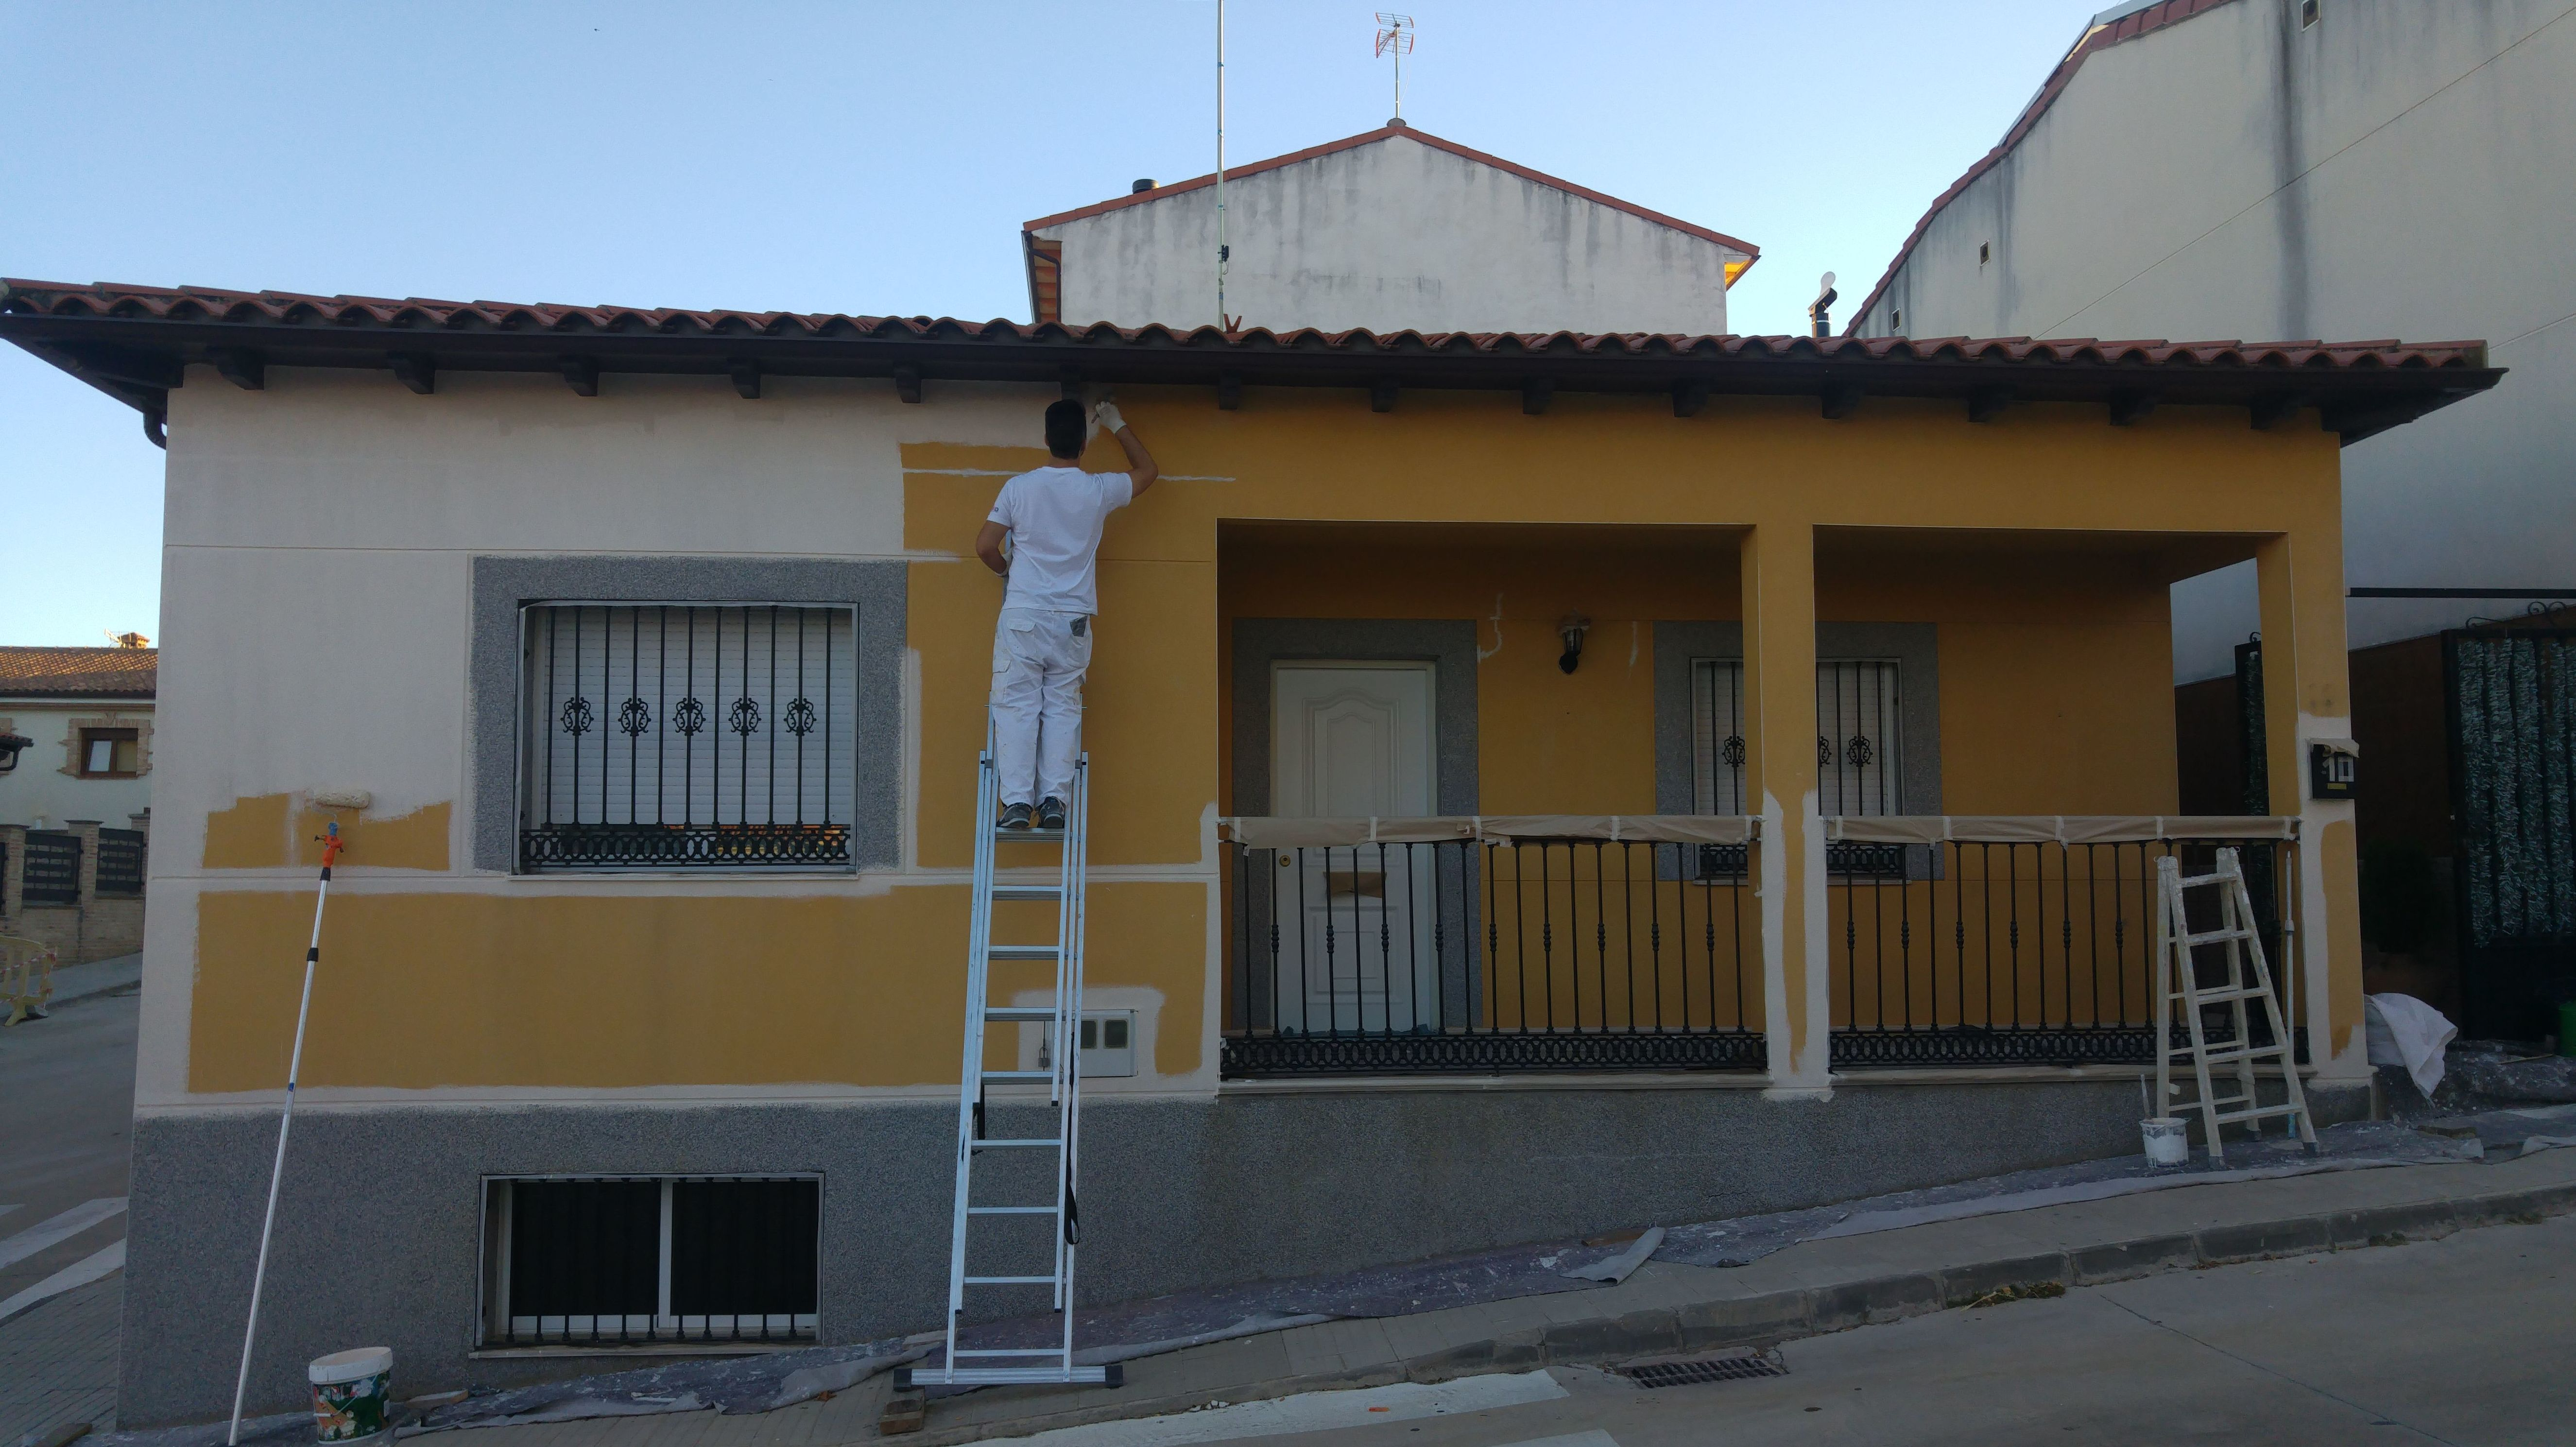 Pintores de fachada